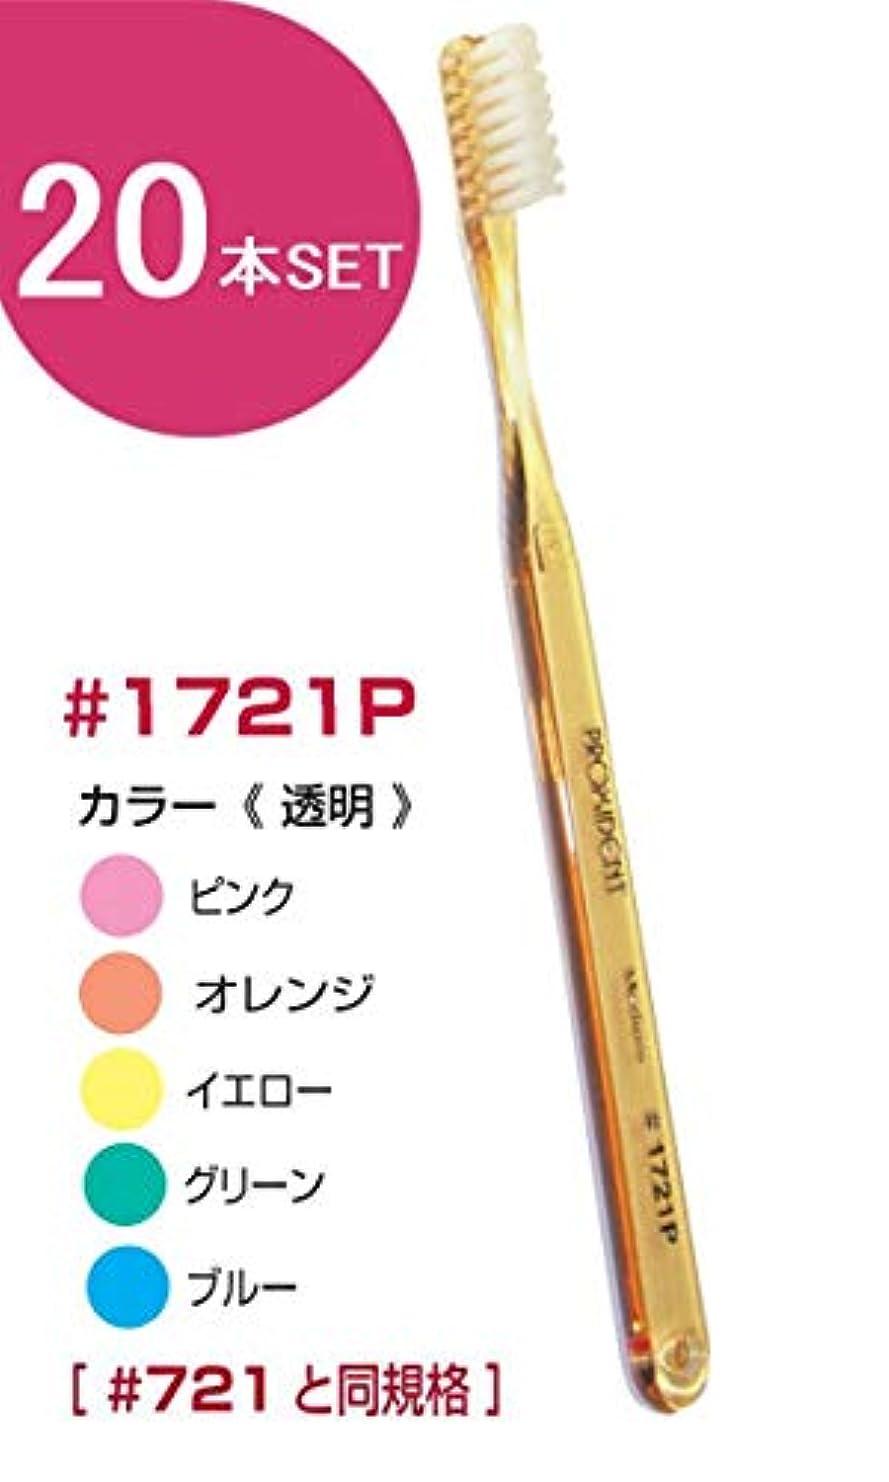 排除する壁紙アーティストプローデント プロキシデント スリムヘッド M(ミディアム) #1721P(#721と同規格) 歯ブラシ 20本